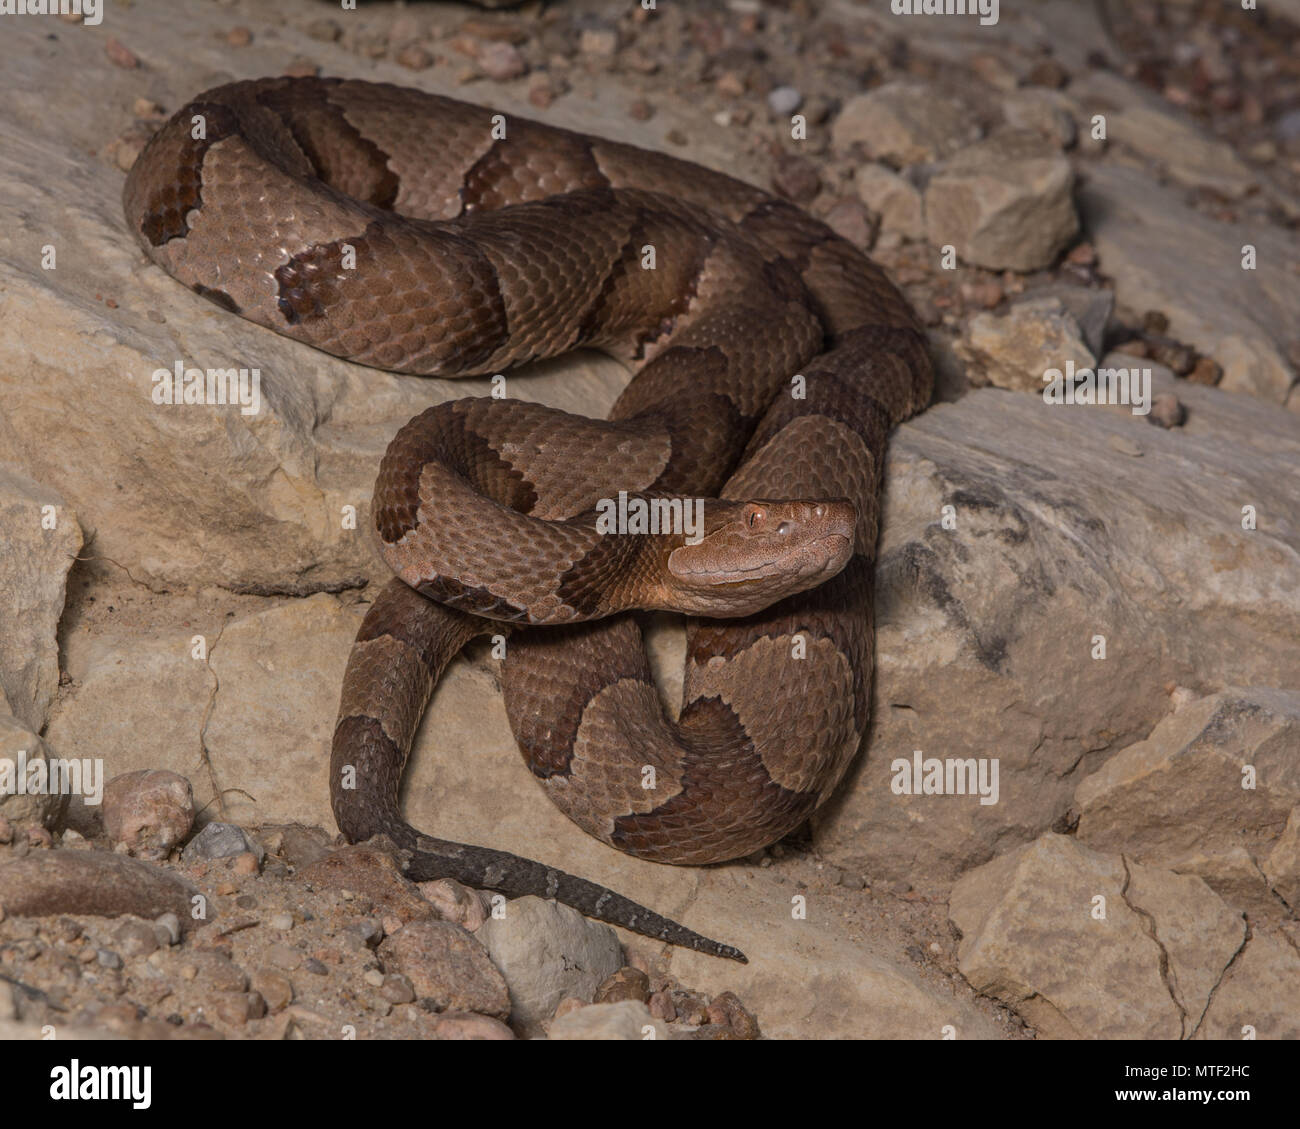 Copperhead settentrionale (Agkistrodon contortrix) da Gage County, Nebraska, Stati Uniti d'America. Immagini Stock